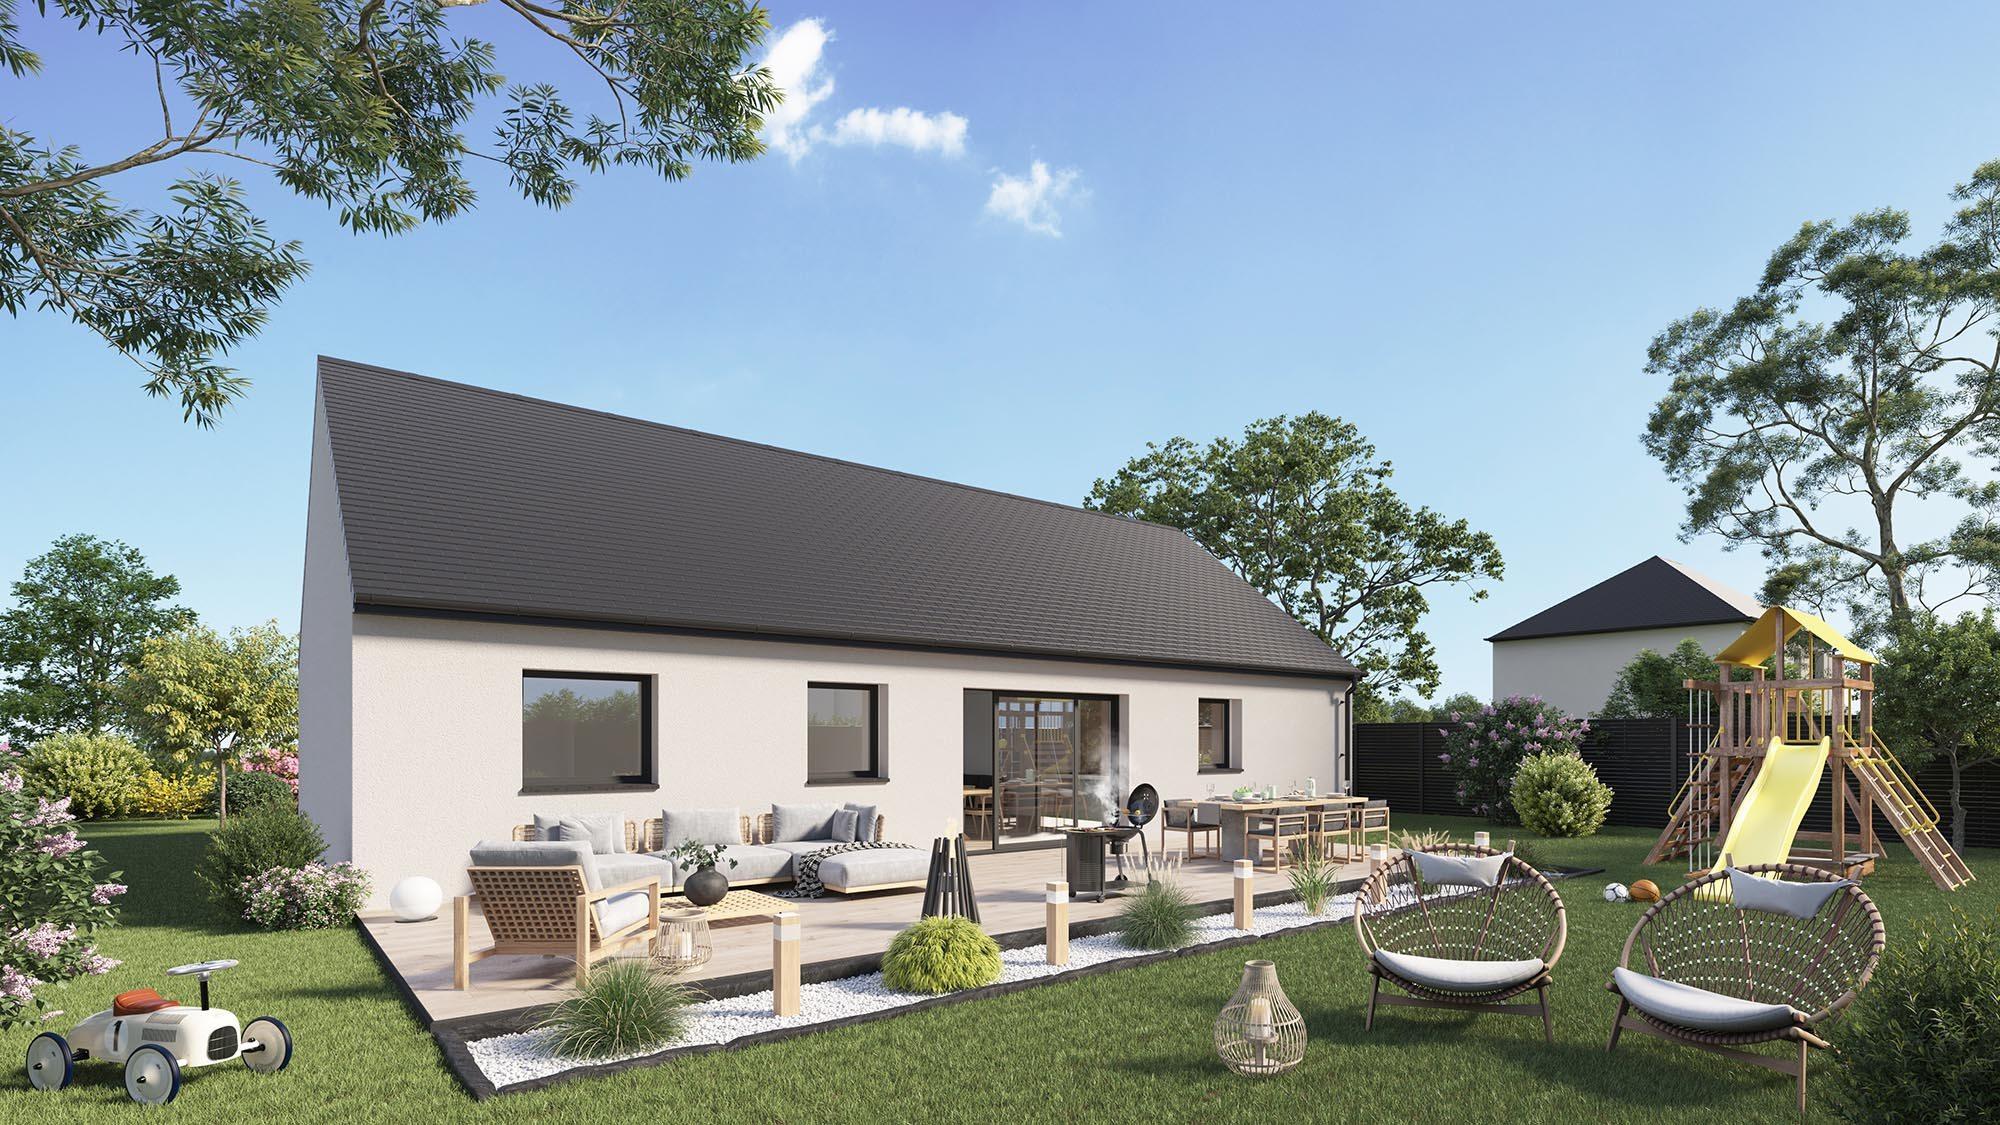 Maisons + Terrains du constructeur Maison Castor Valenciennes • 96 m² • BRUAY SUR L'ESCAUT